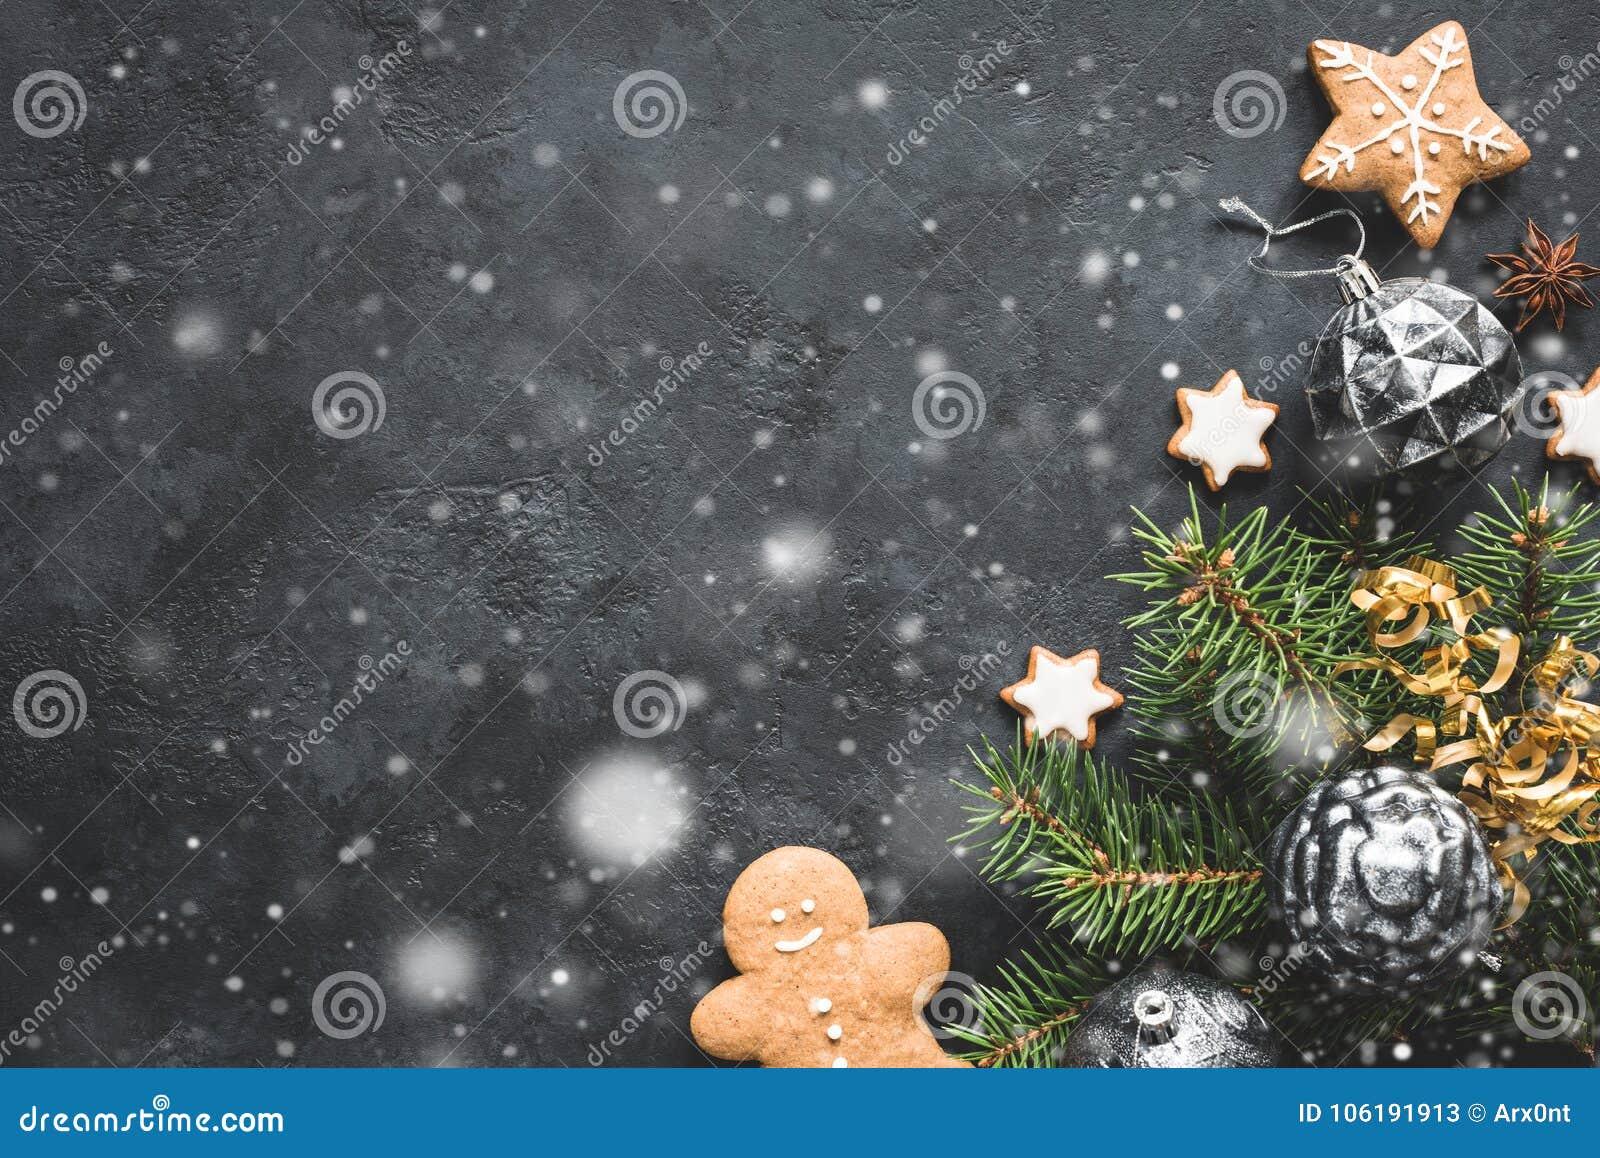 Tannenbaum Aus Plätzchen.Stilvoller Weihnachtshintergrund Mit Fallendem Schnee